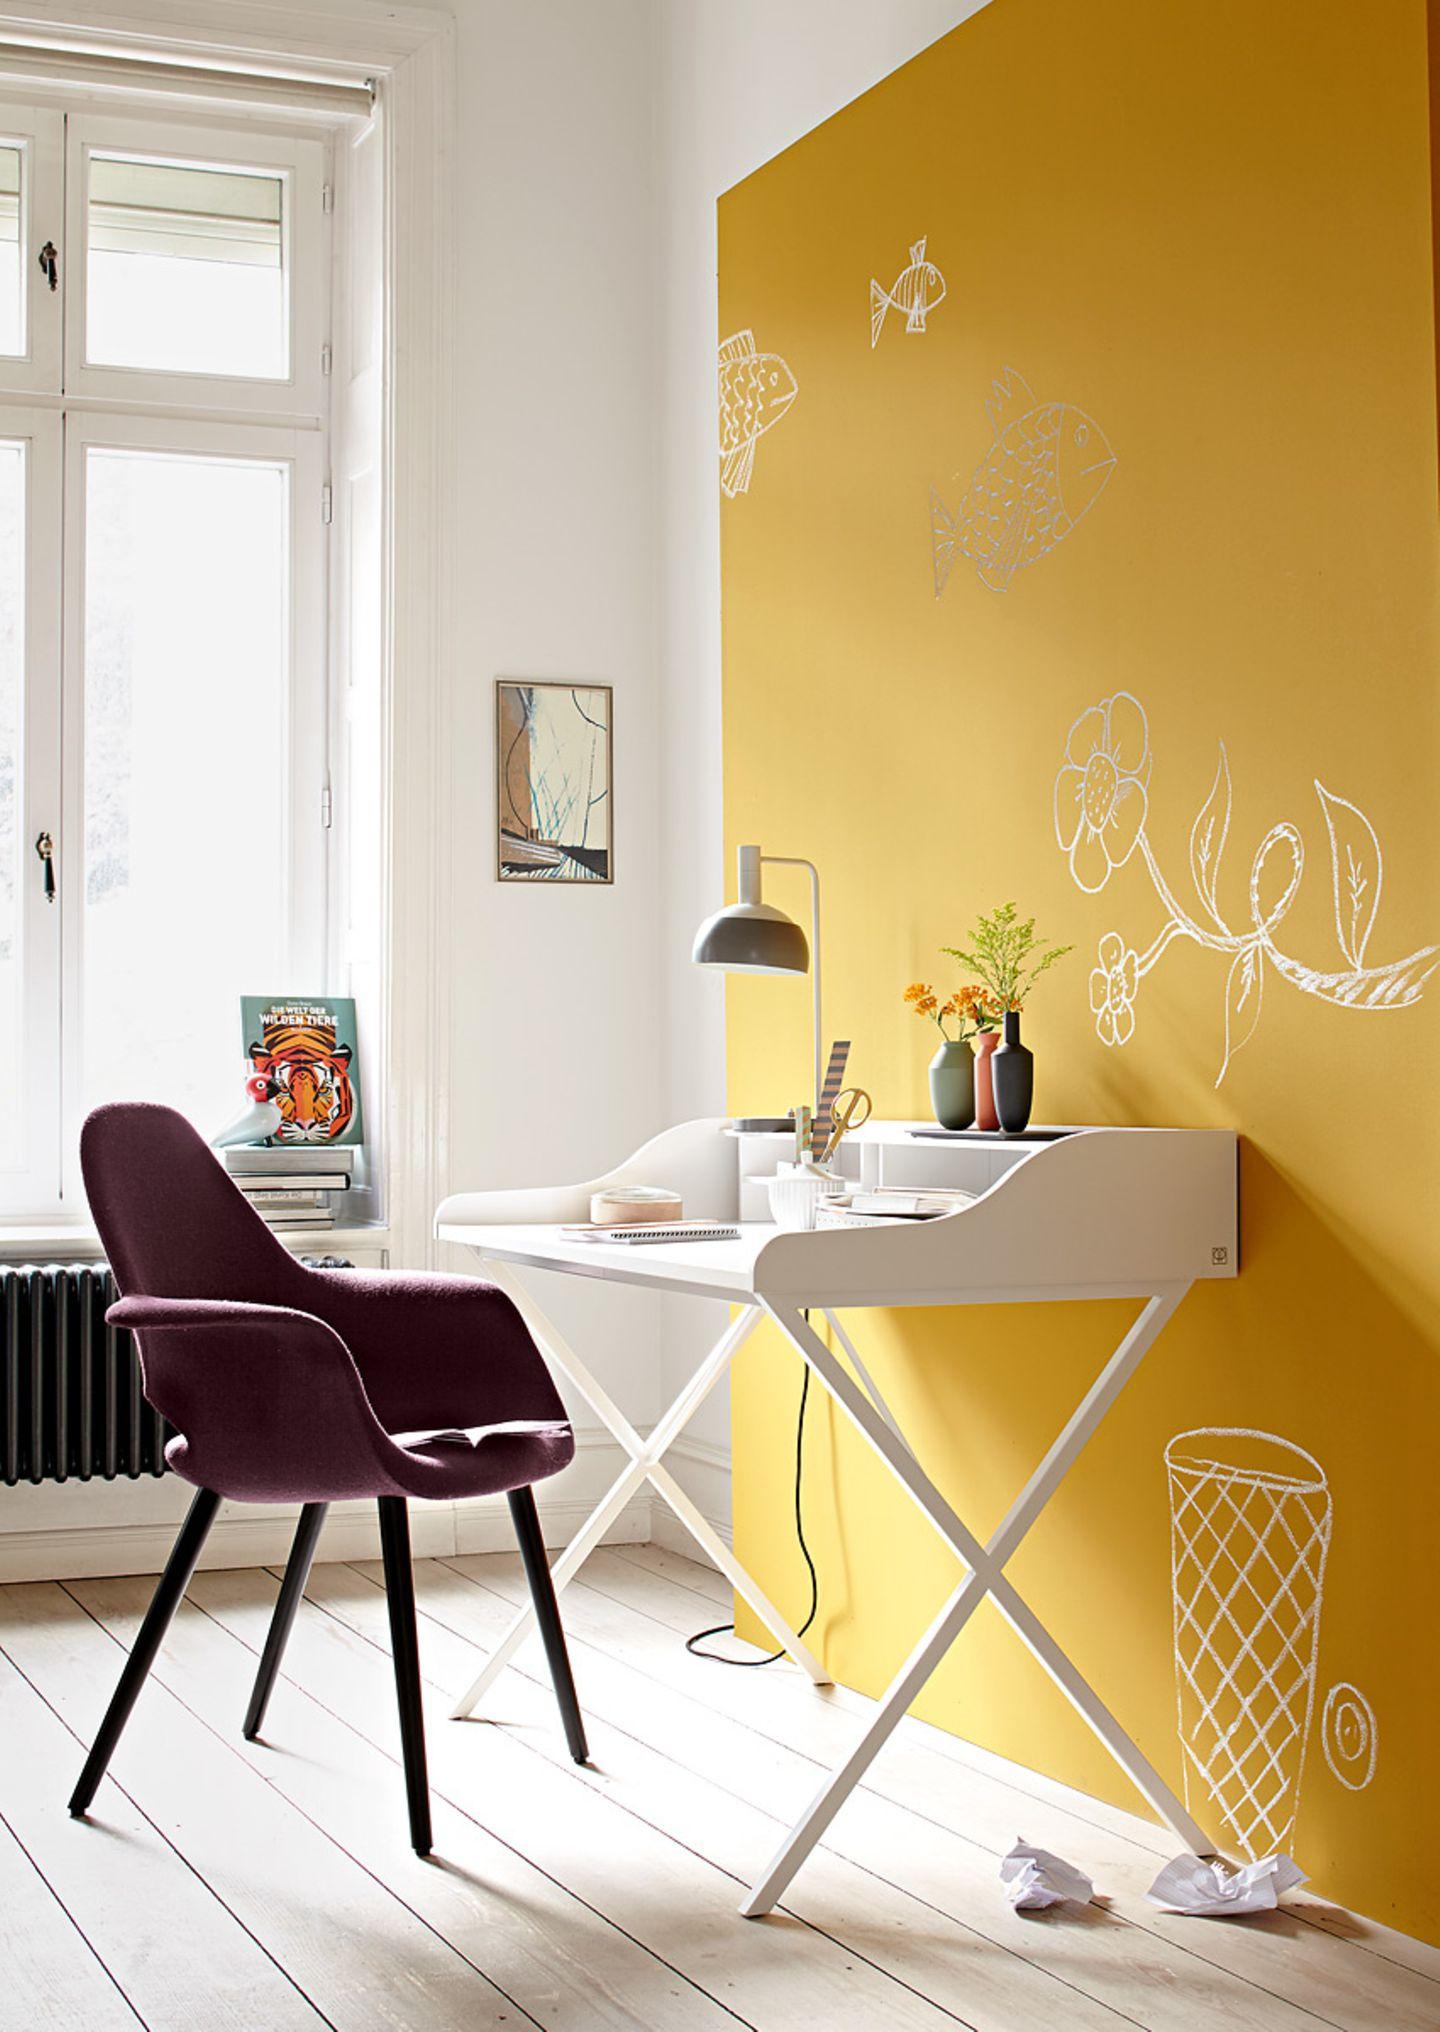 Arbeitszimmer mit organischen Formen